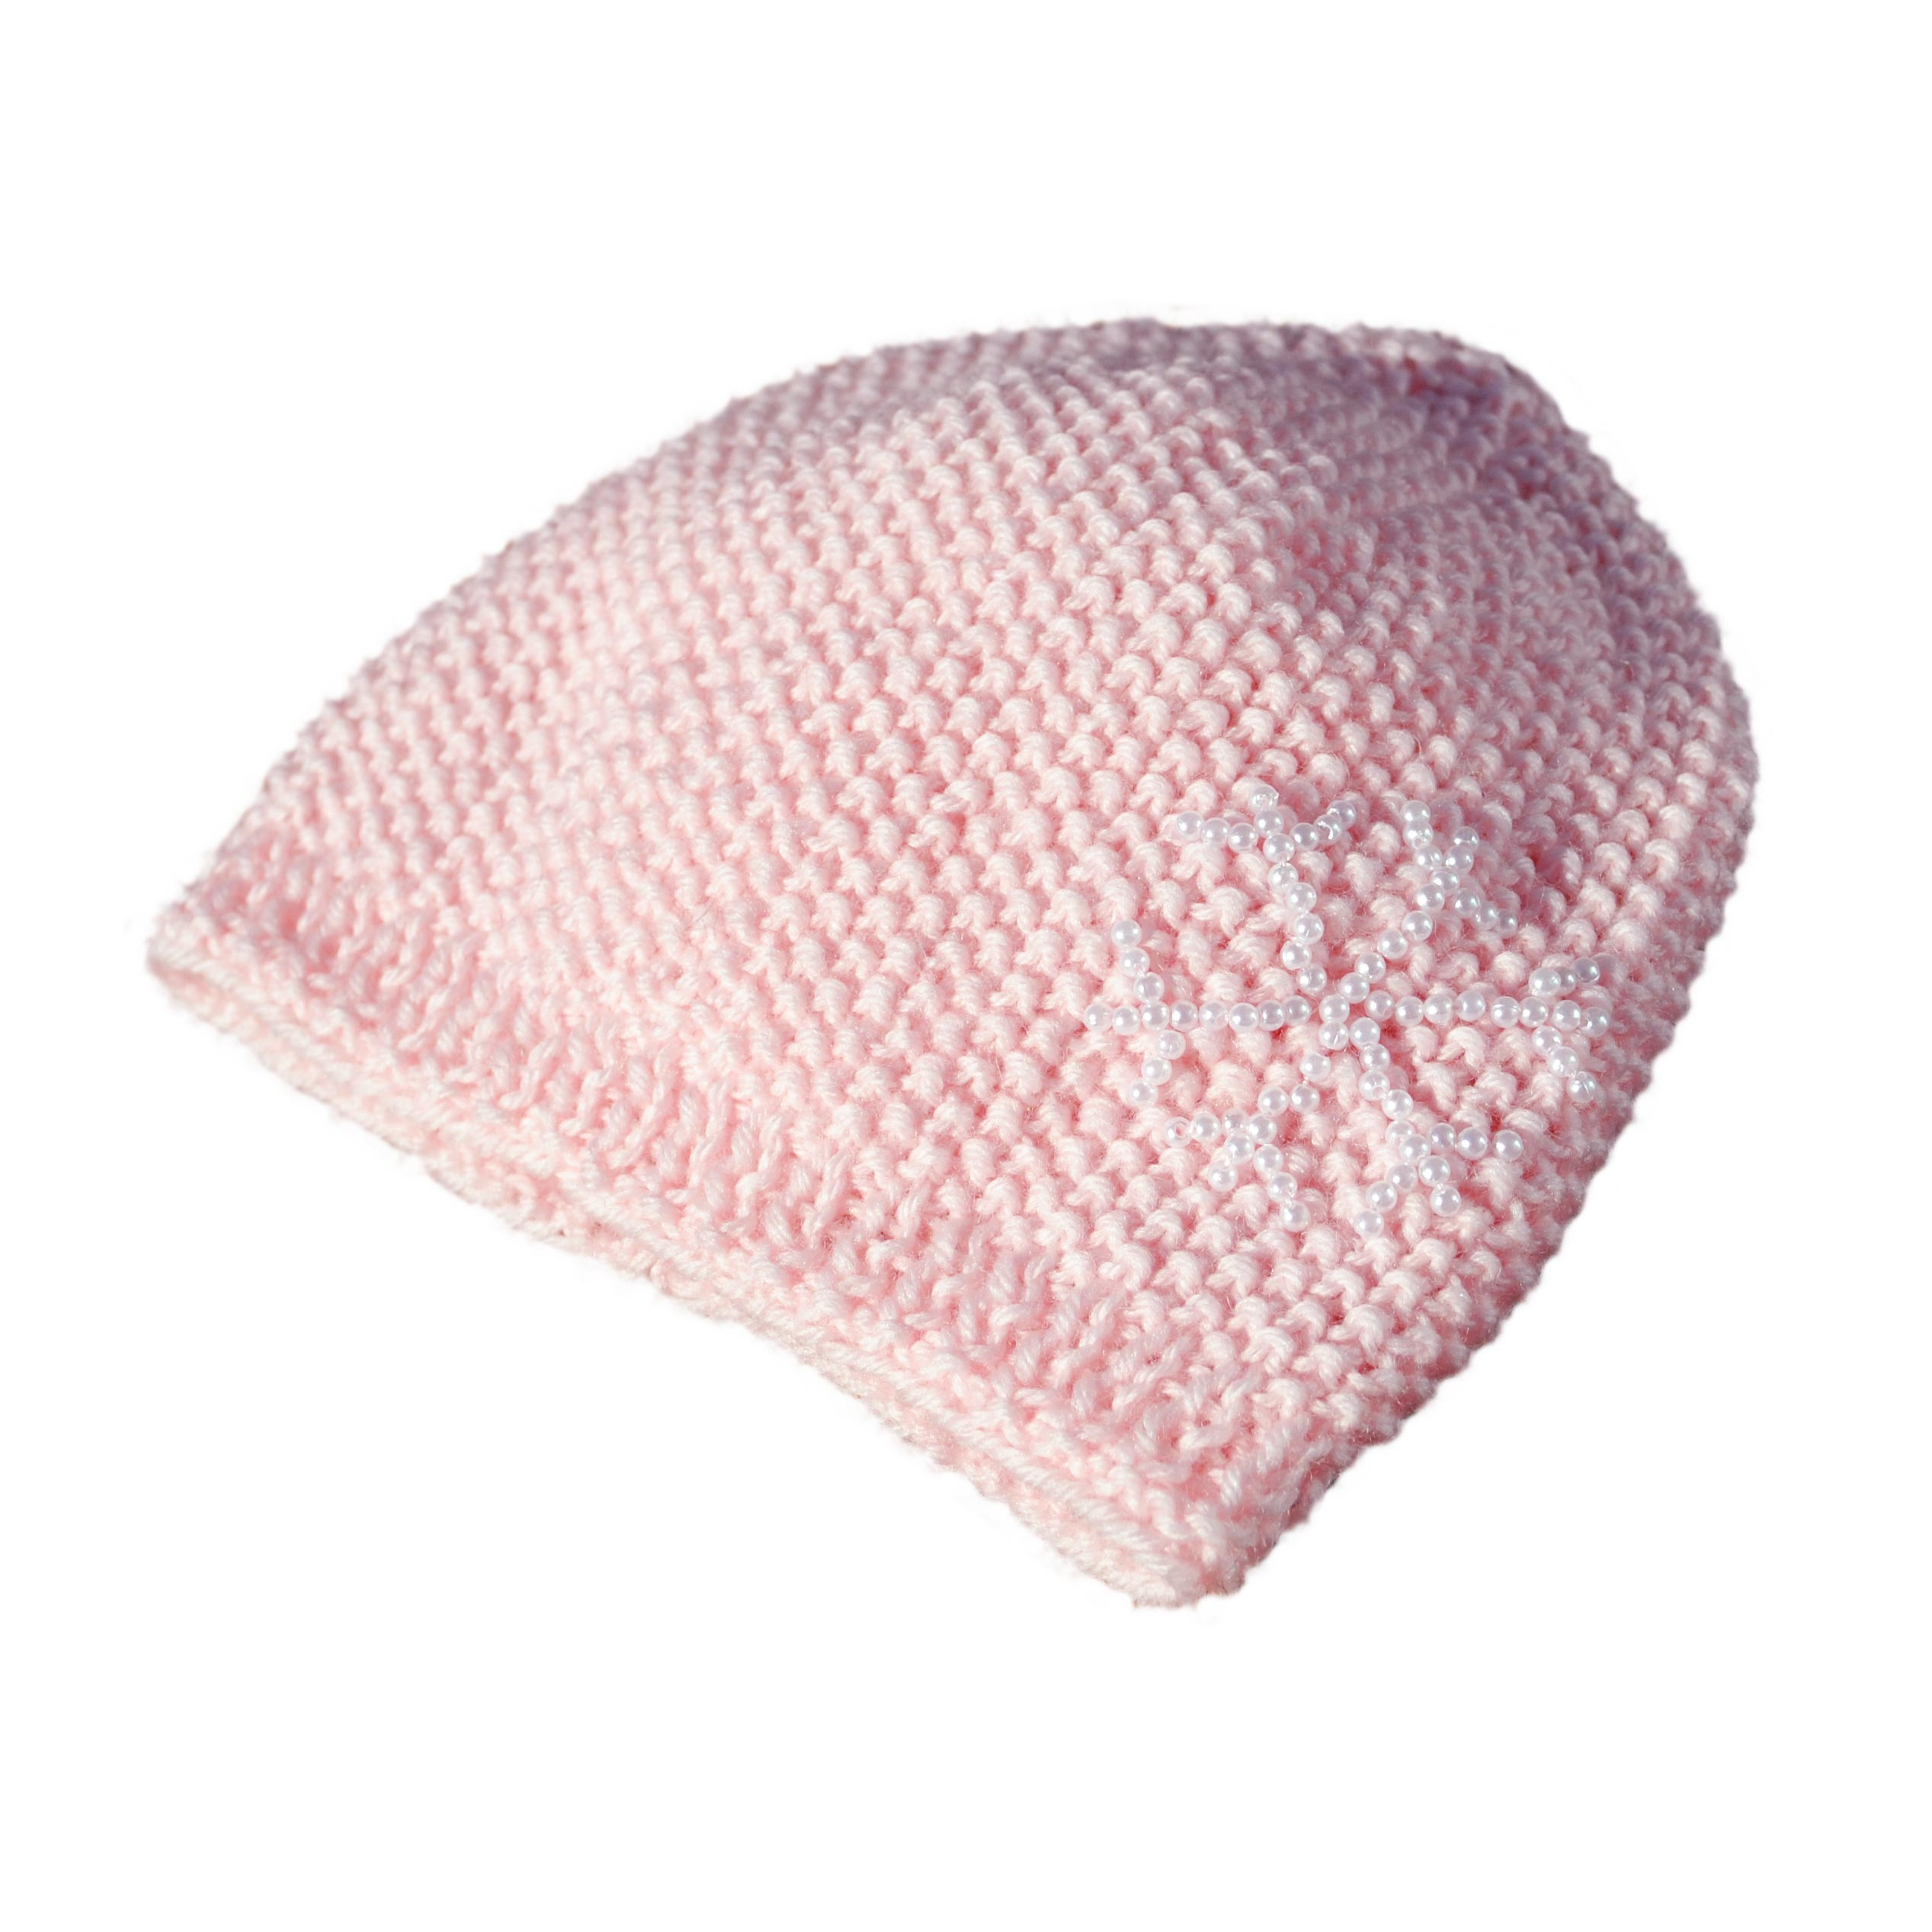 Cappellino bambina 3 mesi lana rosa chicco riso con decorazione ... dc3865dd026a